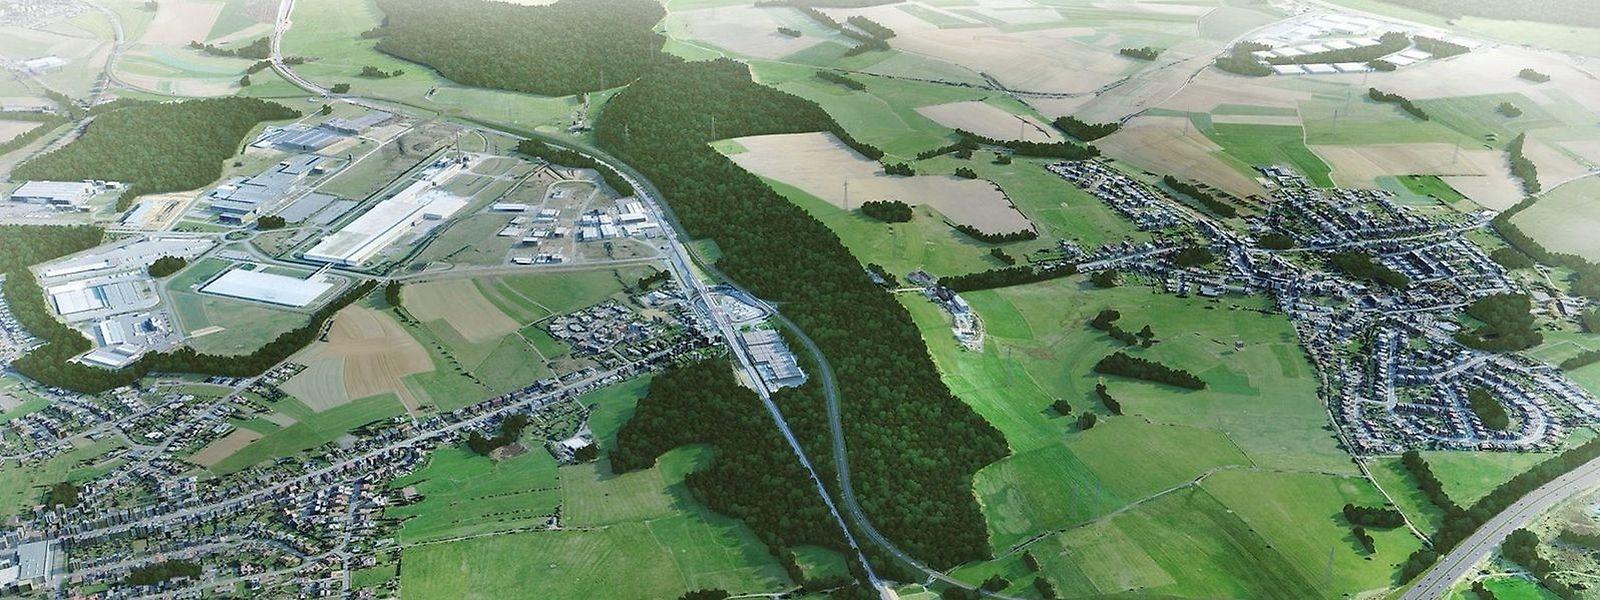 Le gouvernement prévoit le reboisement d'une surface de 5,2 hectares pour compenser la perte des arbres défrichés pour la construction de la route